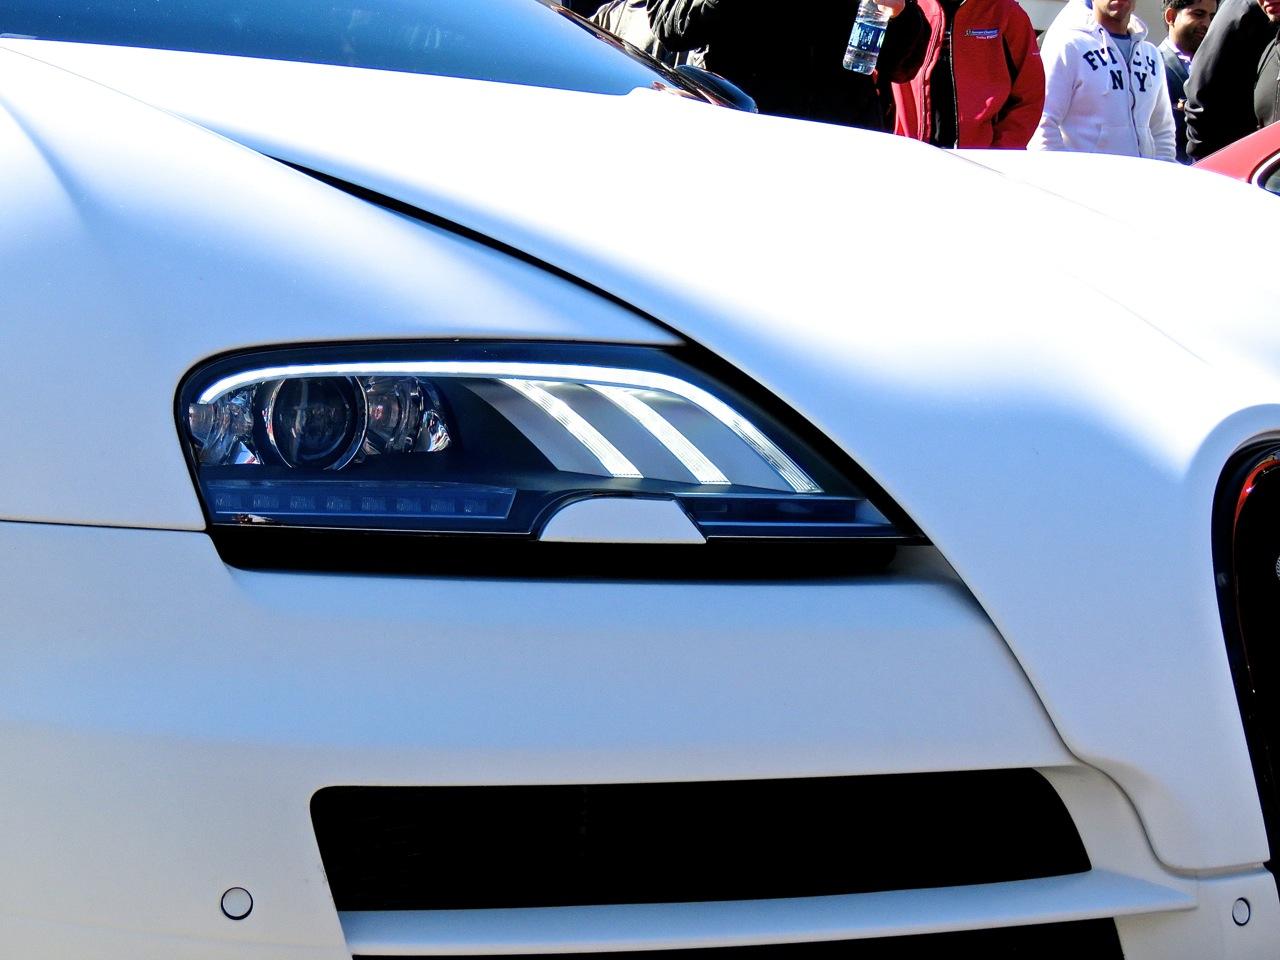 Panda Bugatti Veyron SS at Garden State Plaza